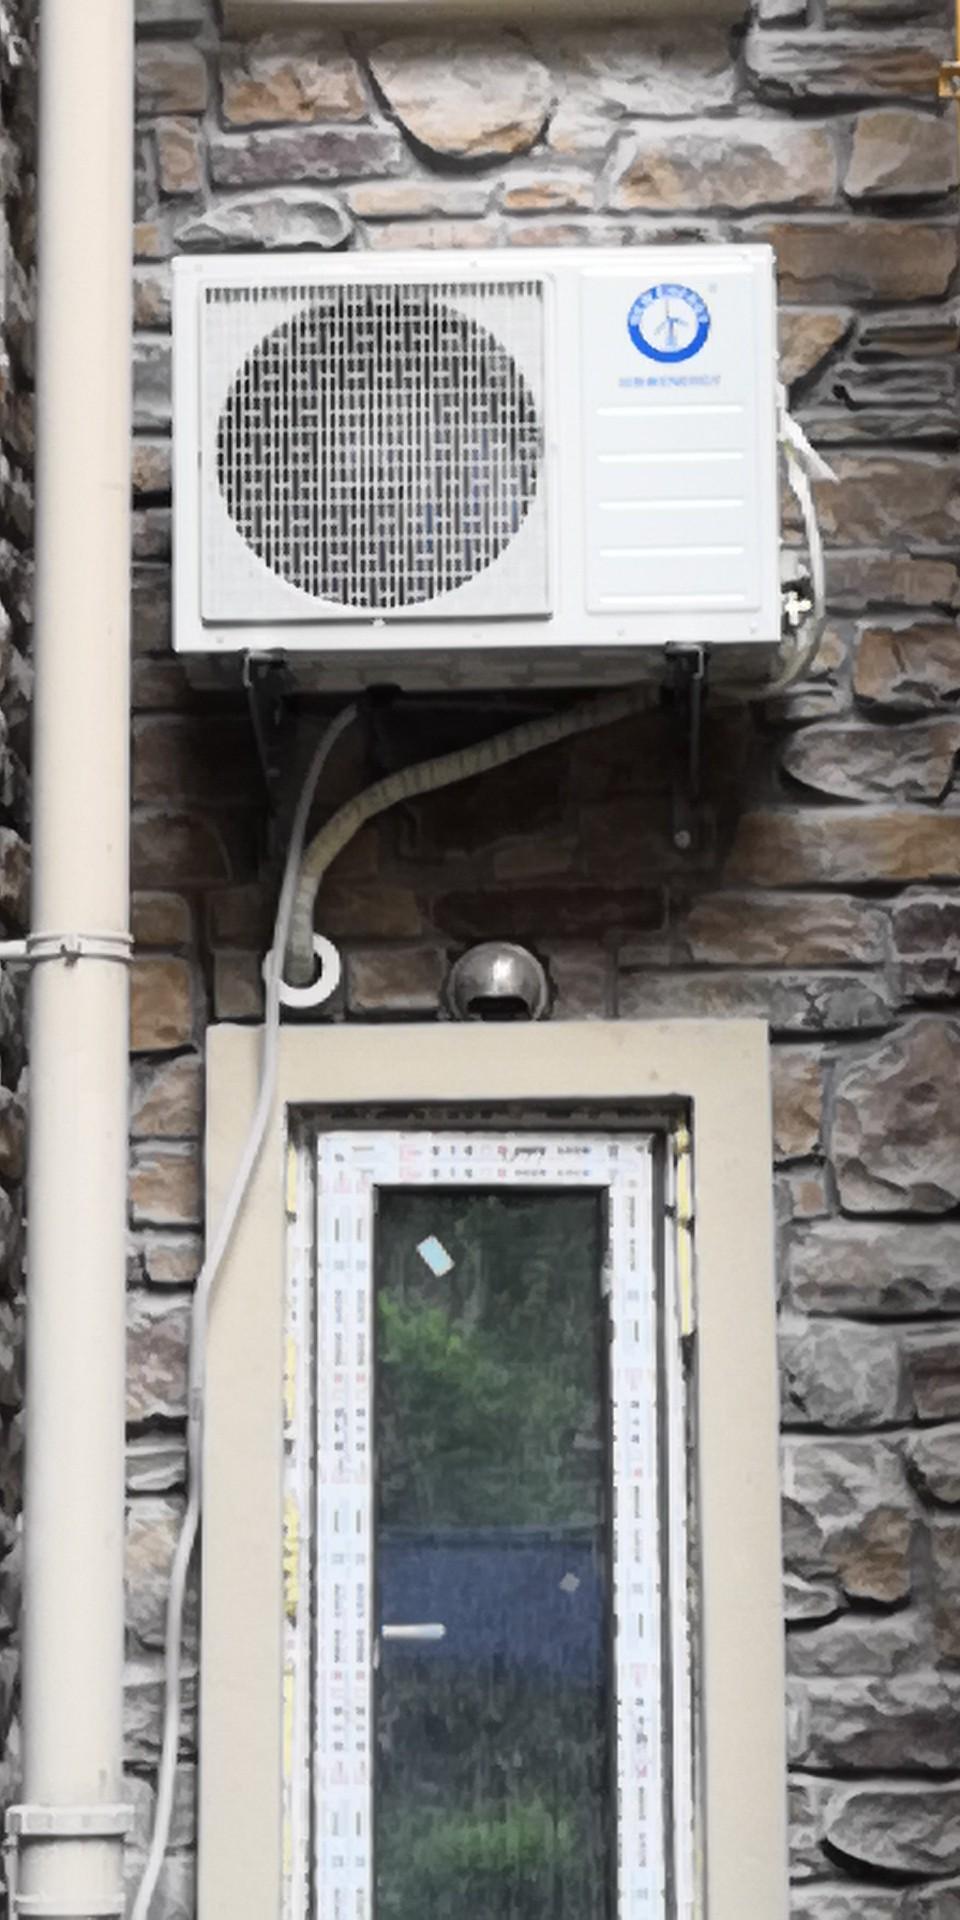 大学城金科家庭空气能热水器